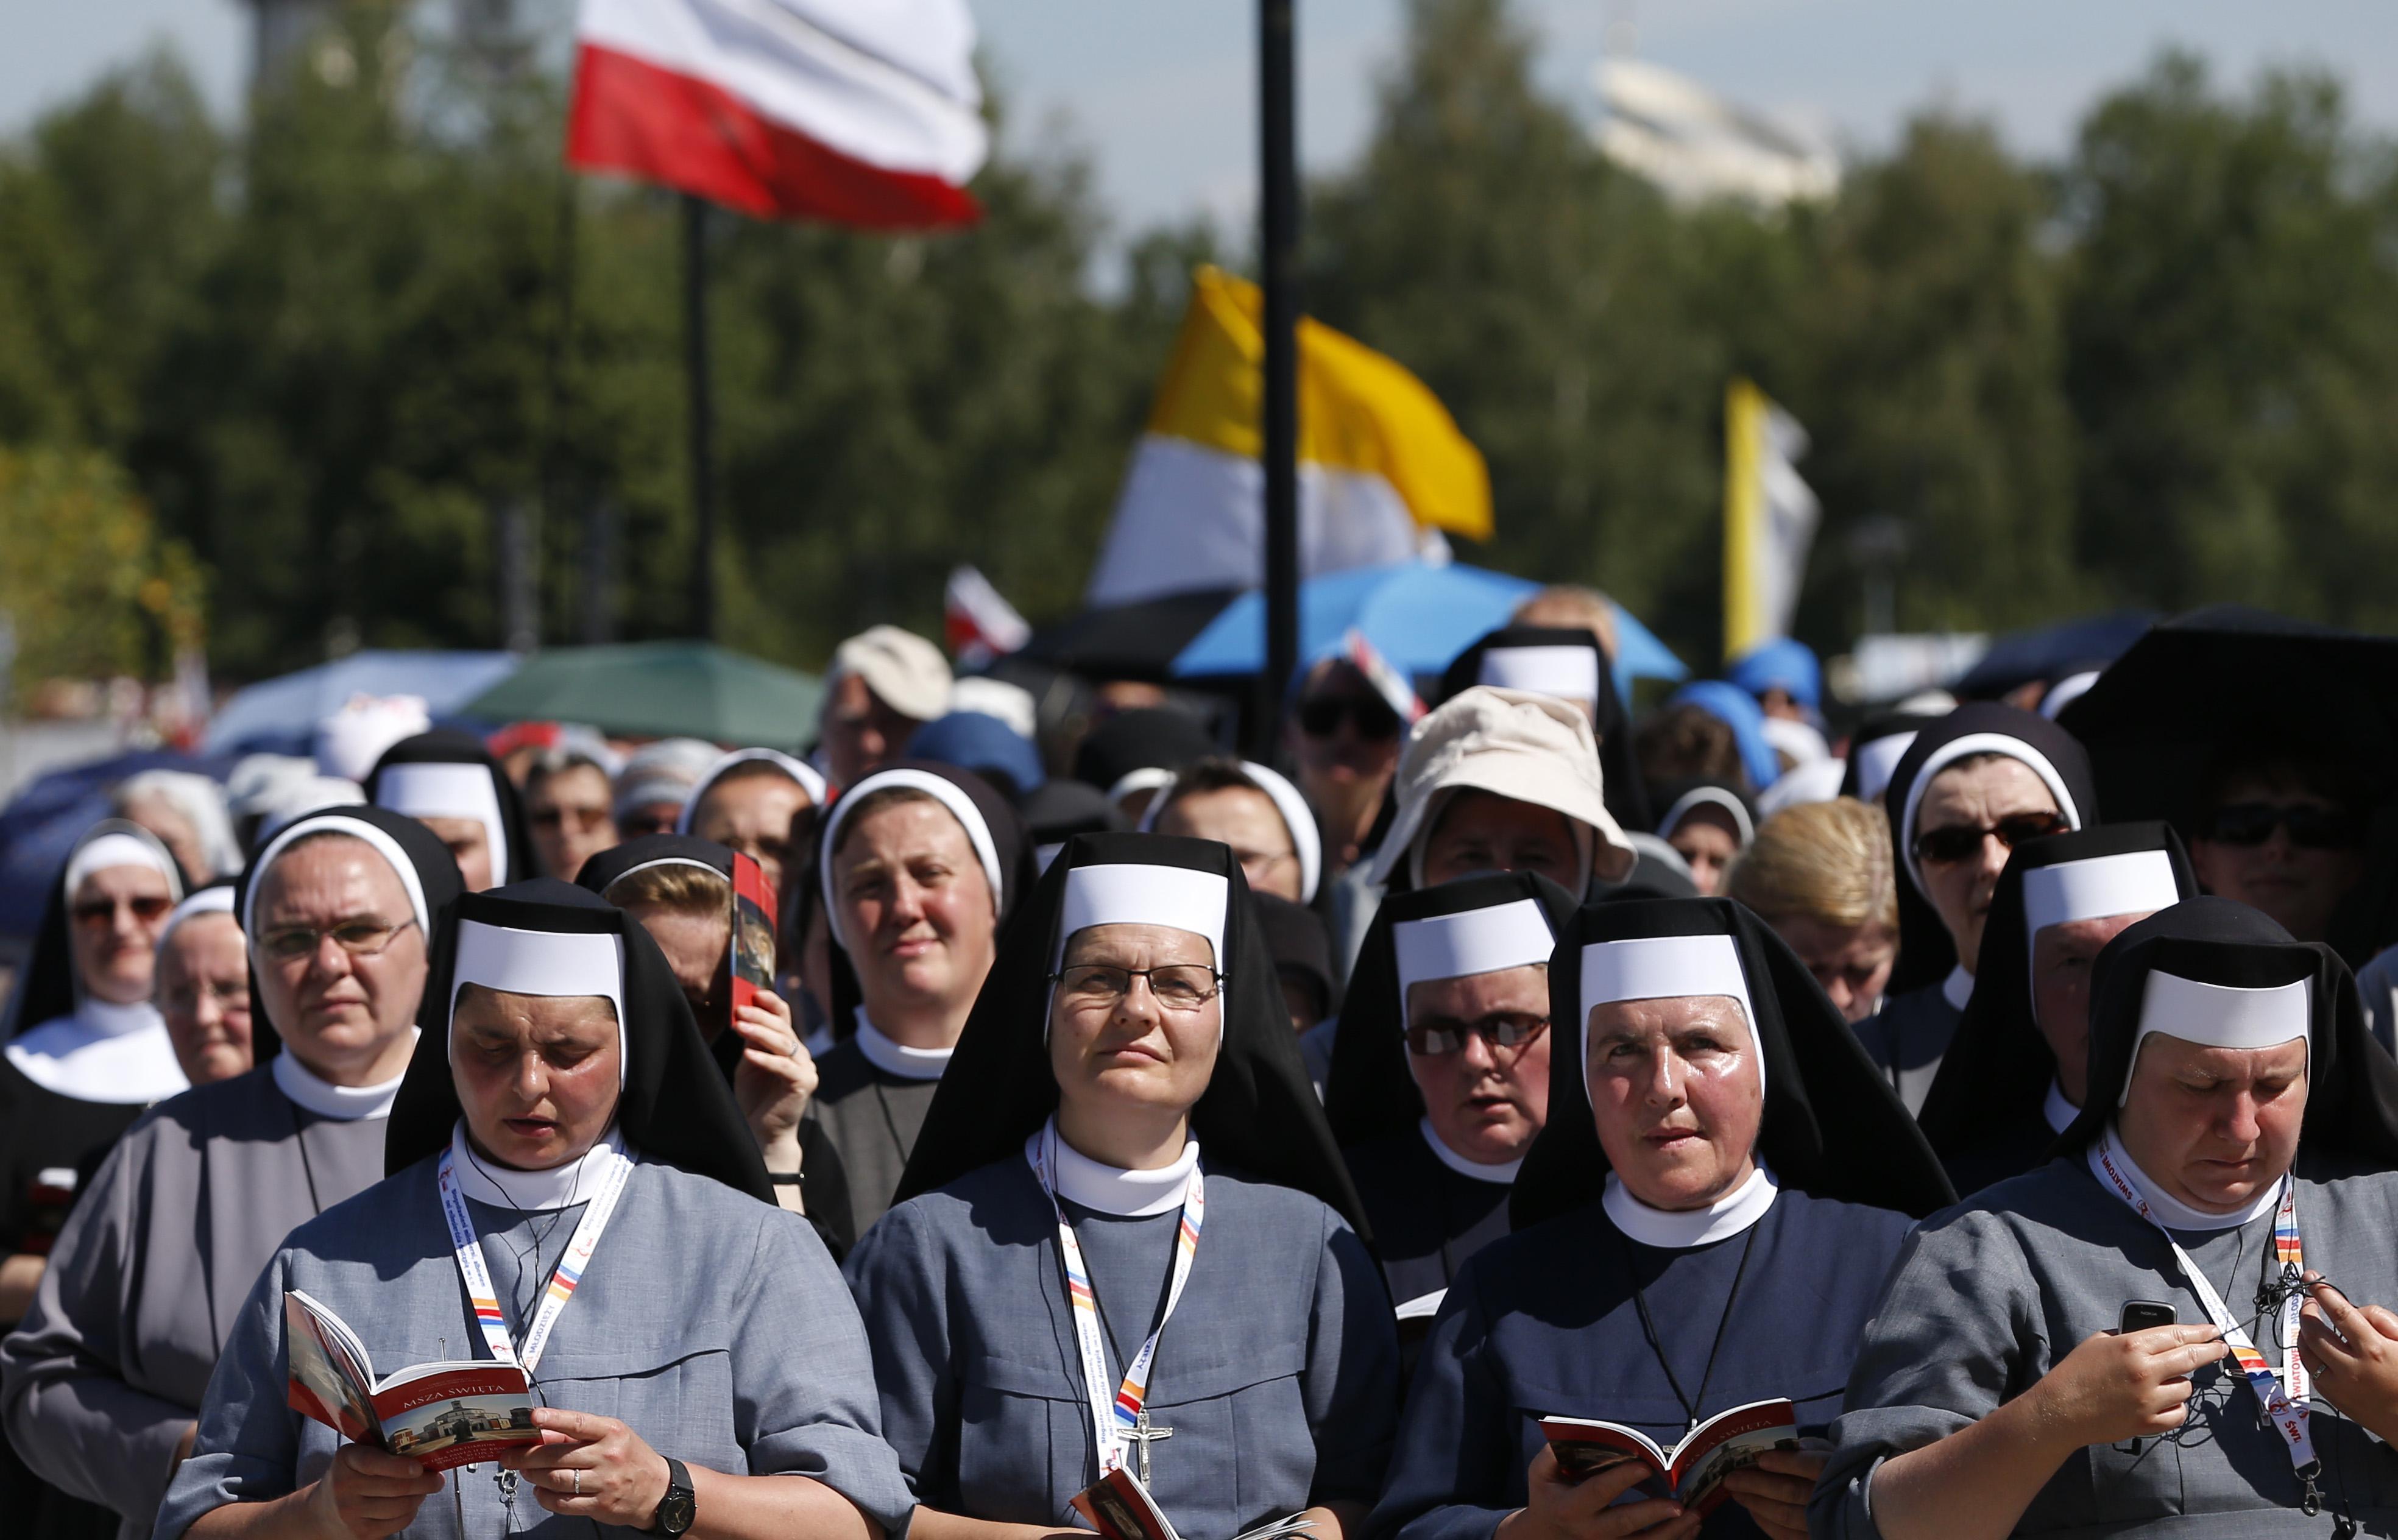 Nuns at St. John Paul II Shrine